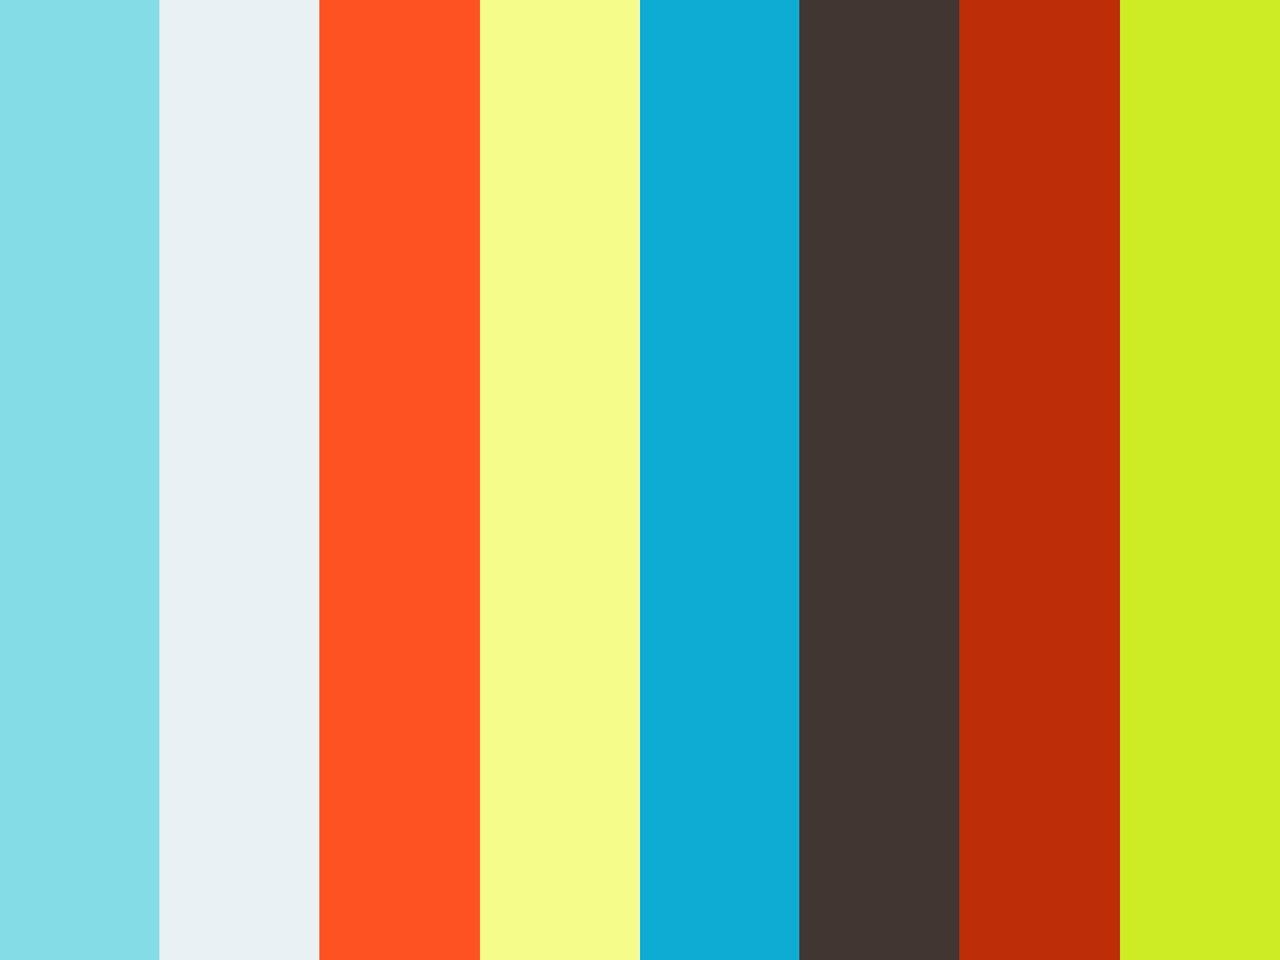 20170625 br. A. Rietveld, Thema: Tijd voor bezinning.